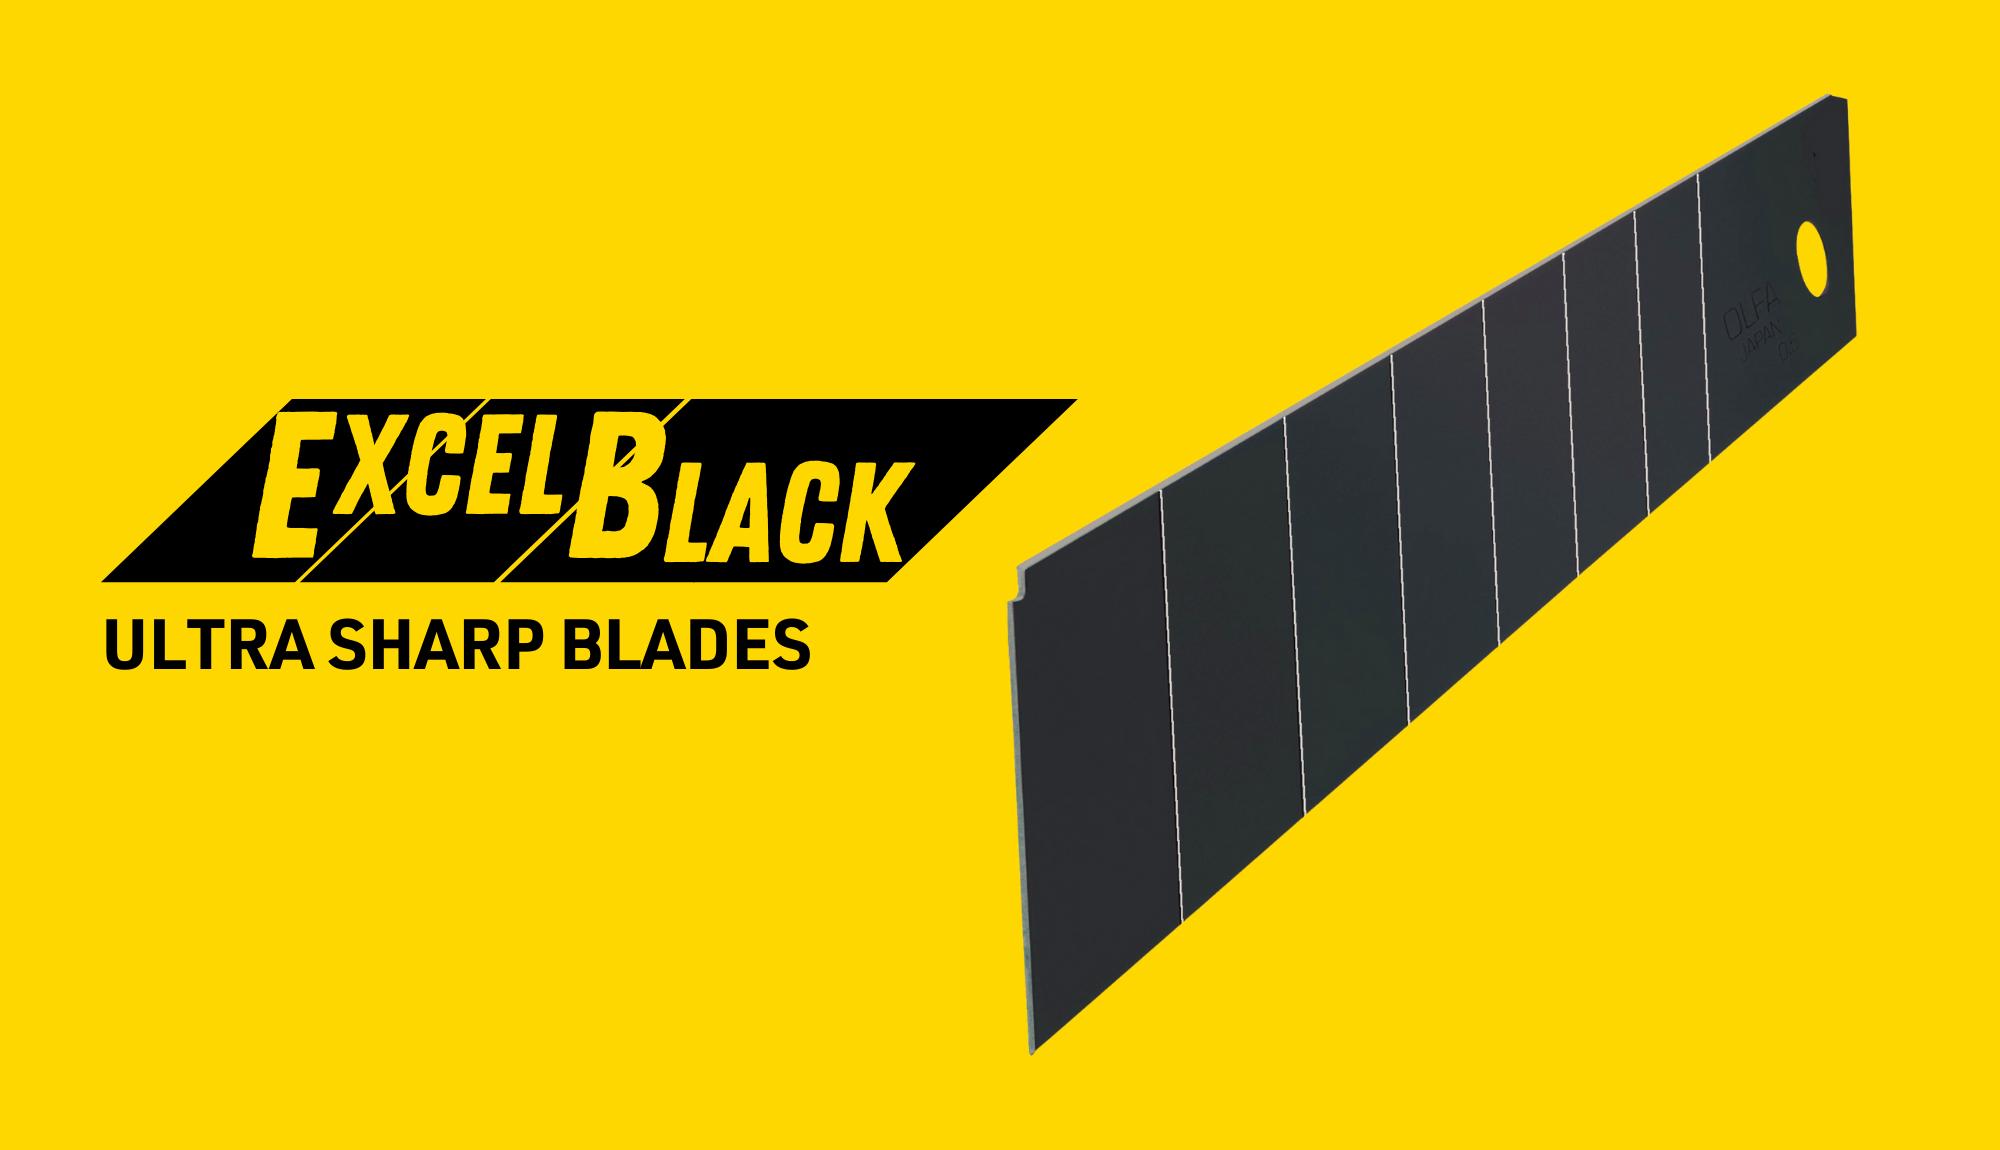 Excel Black blades_banner